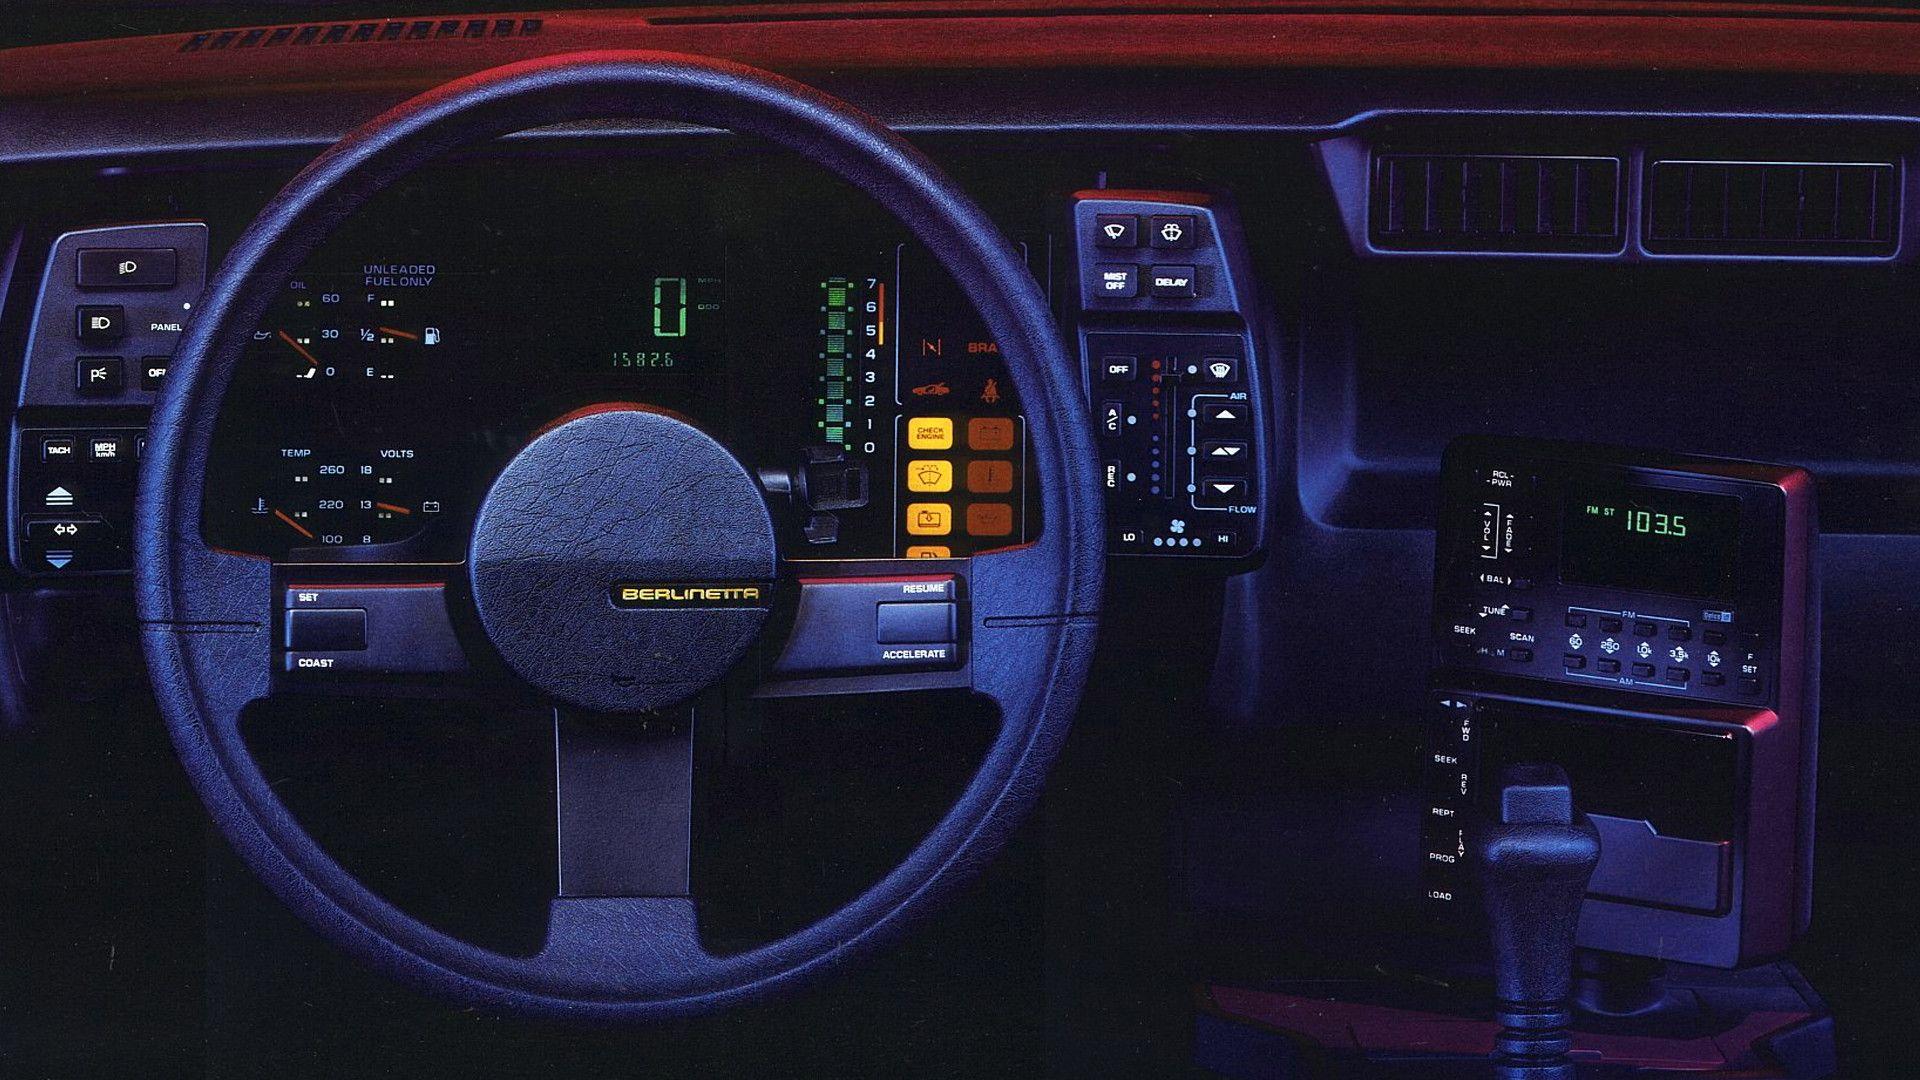 1984 Camaro Berlinetta Dash 1920 X 1080